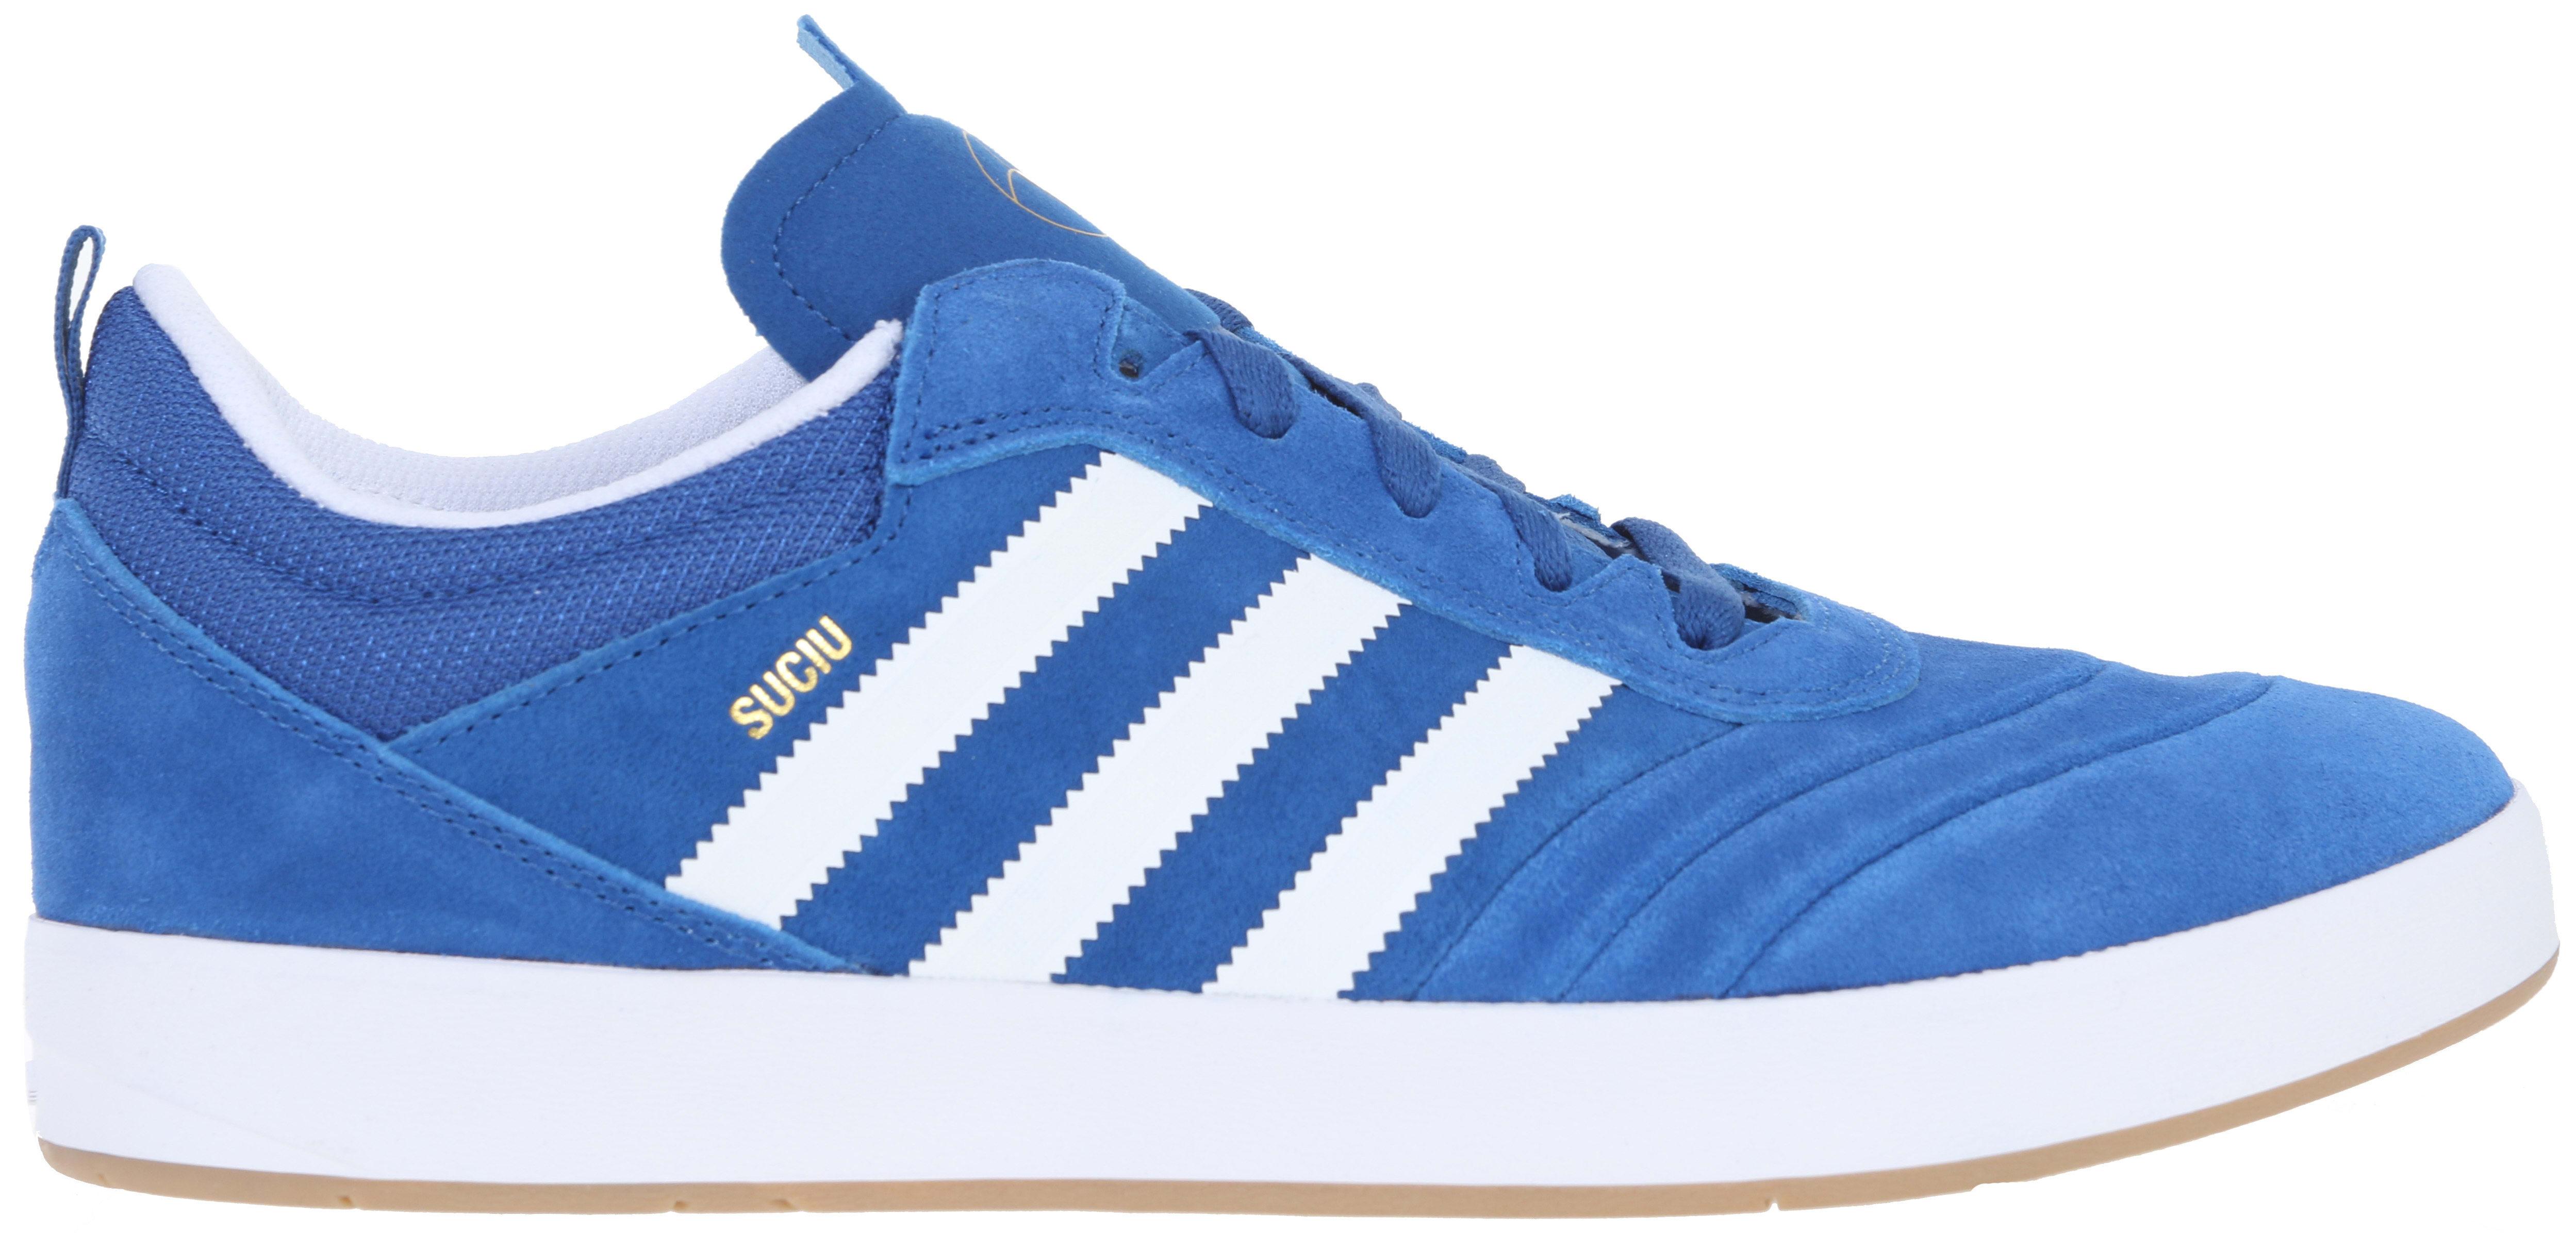 Adidas Suciu ADV Skate Shoes a5cb184a2